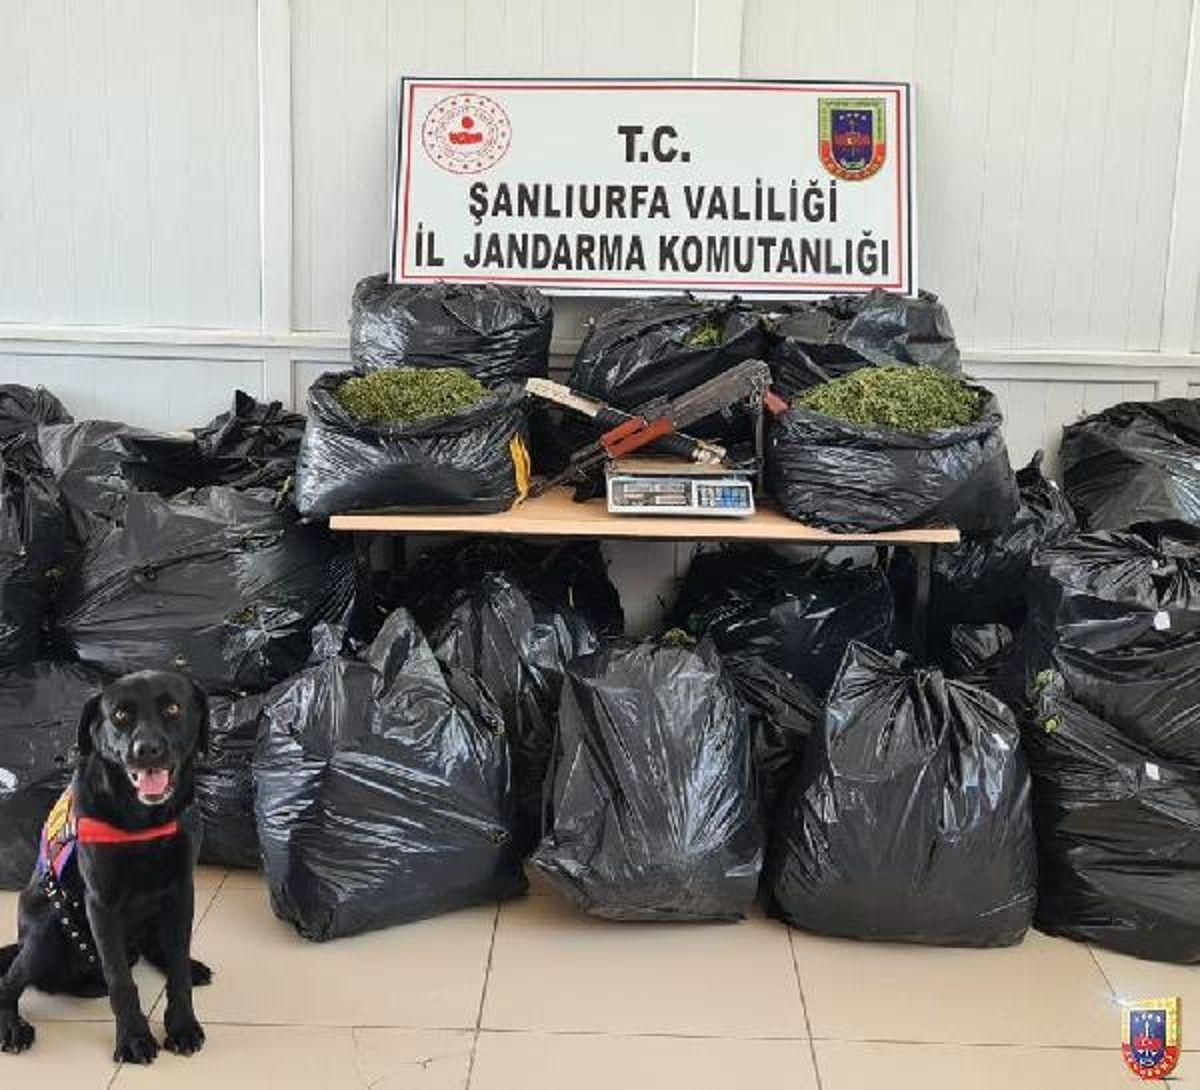 Şanlıurfa'da uyuşturucu operasyonu: 10 gözaltı